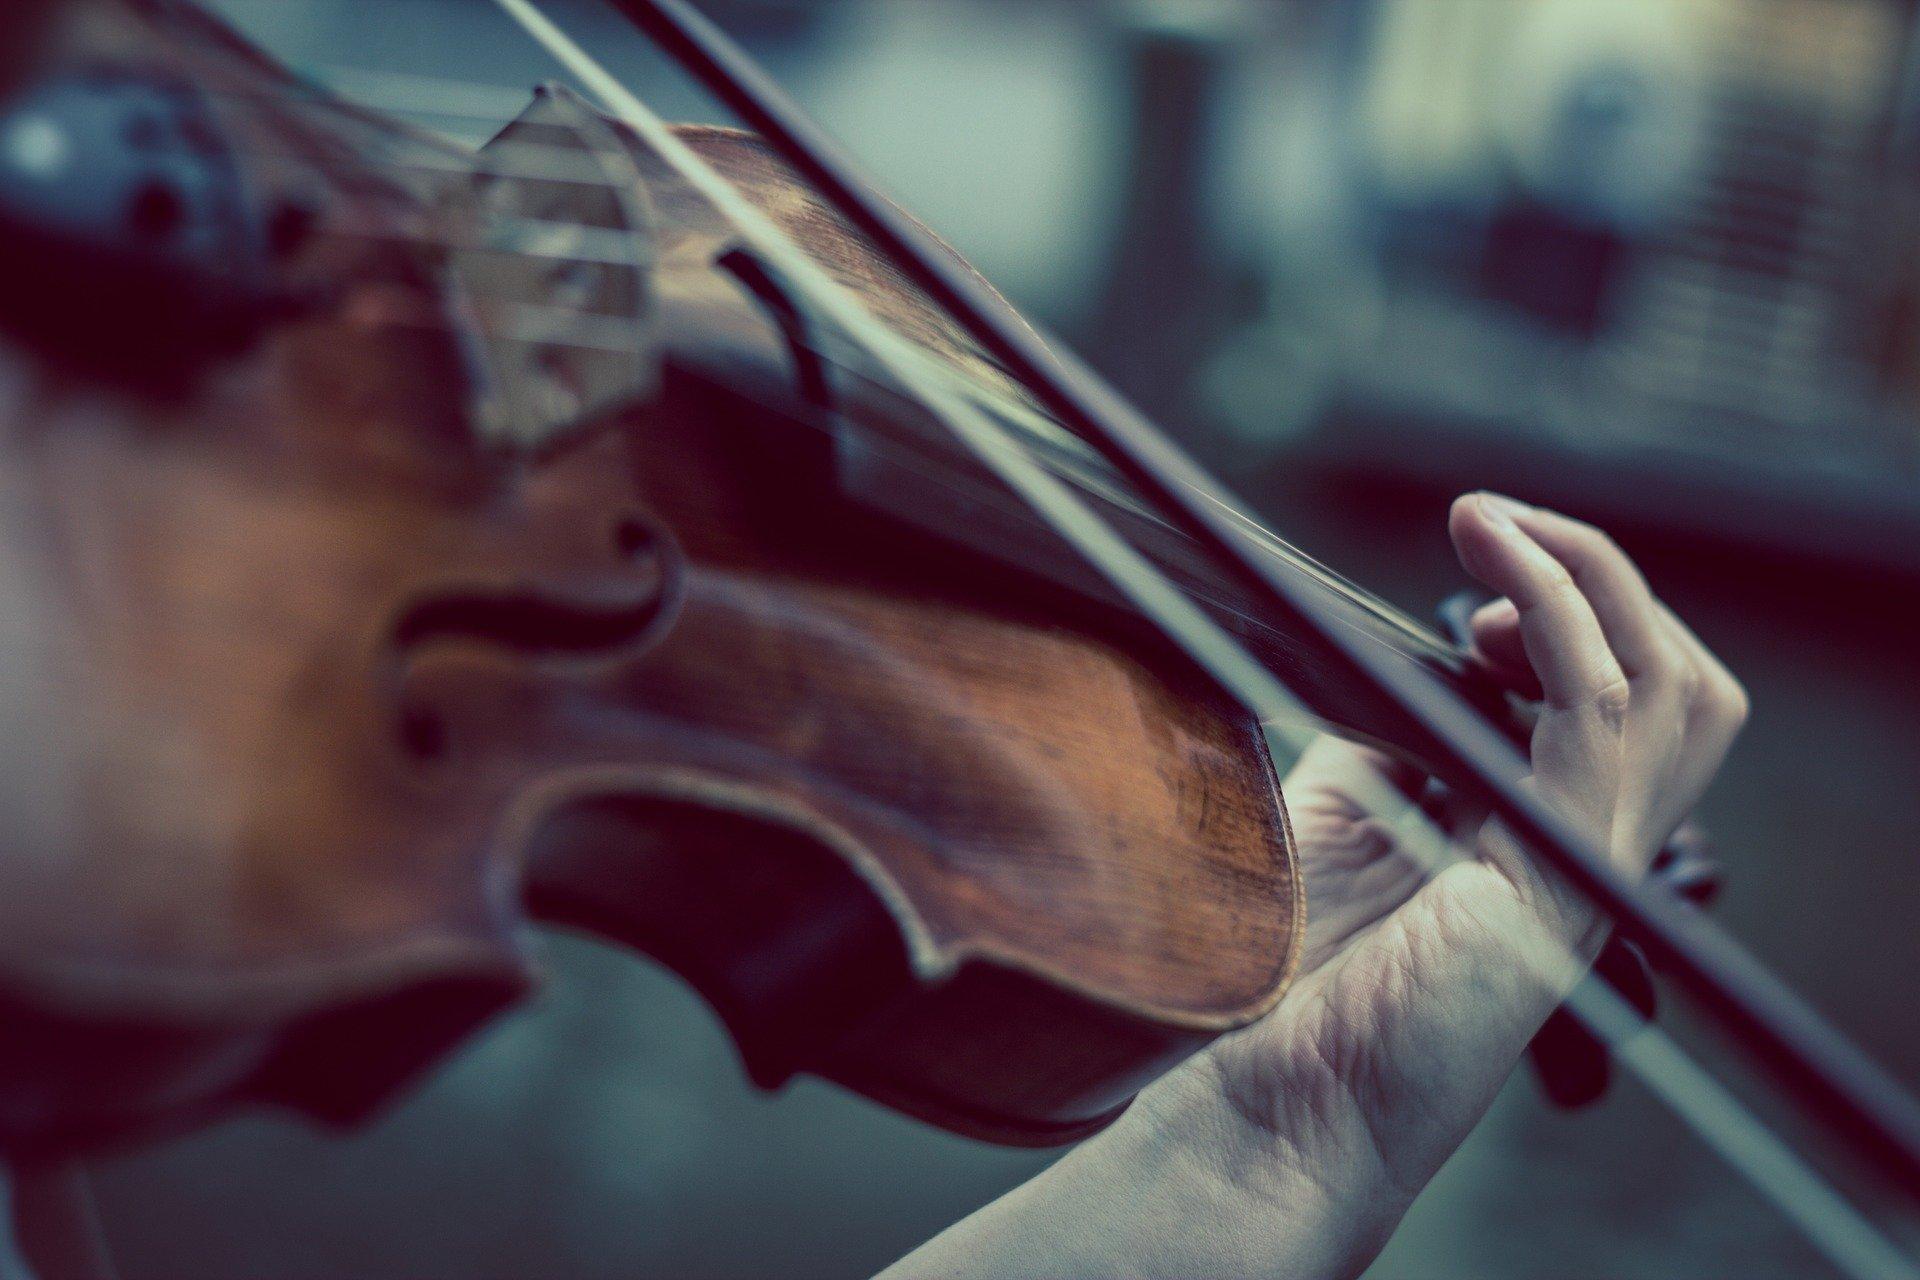 violin 374096 1920